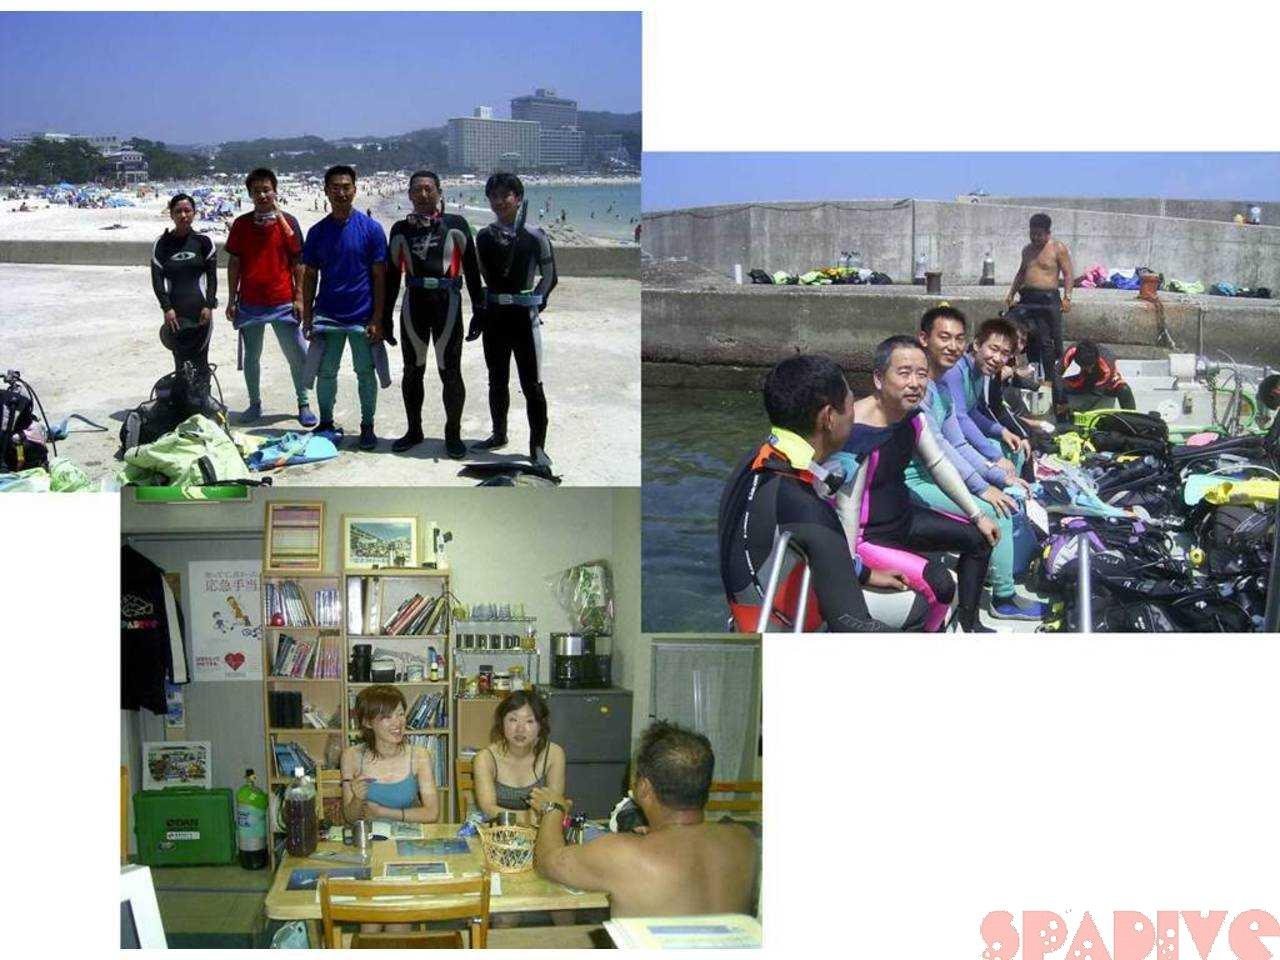 ペイマンケーブ&千石丘ボート|体験ダイビングなど|7/3-4/2004白浜